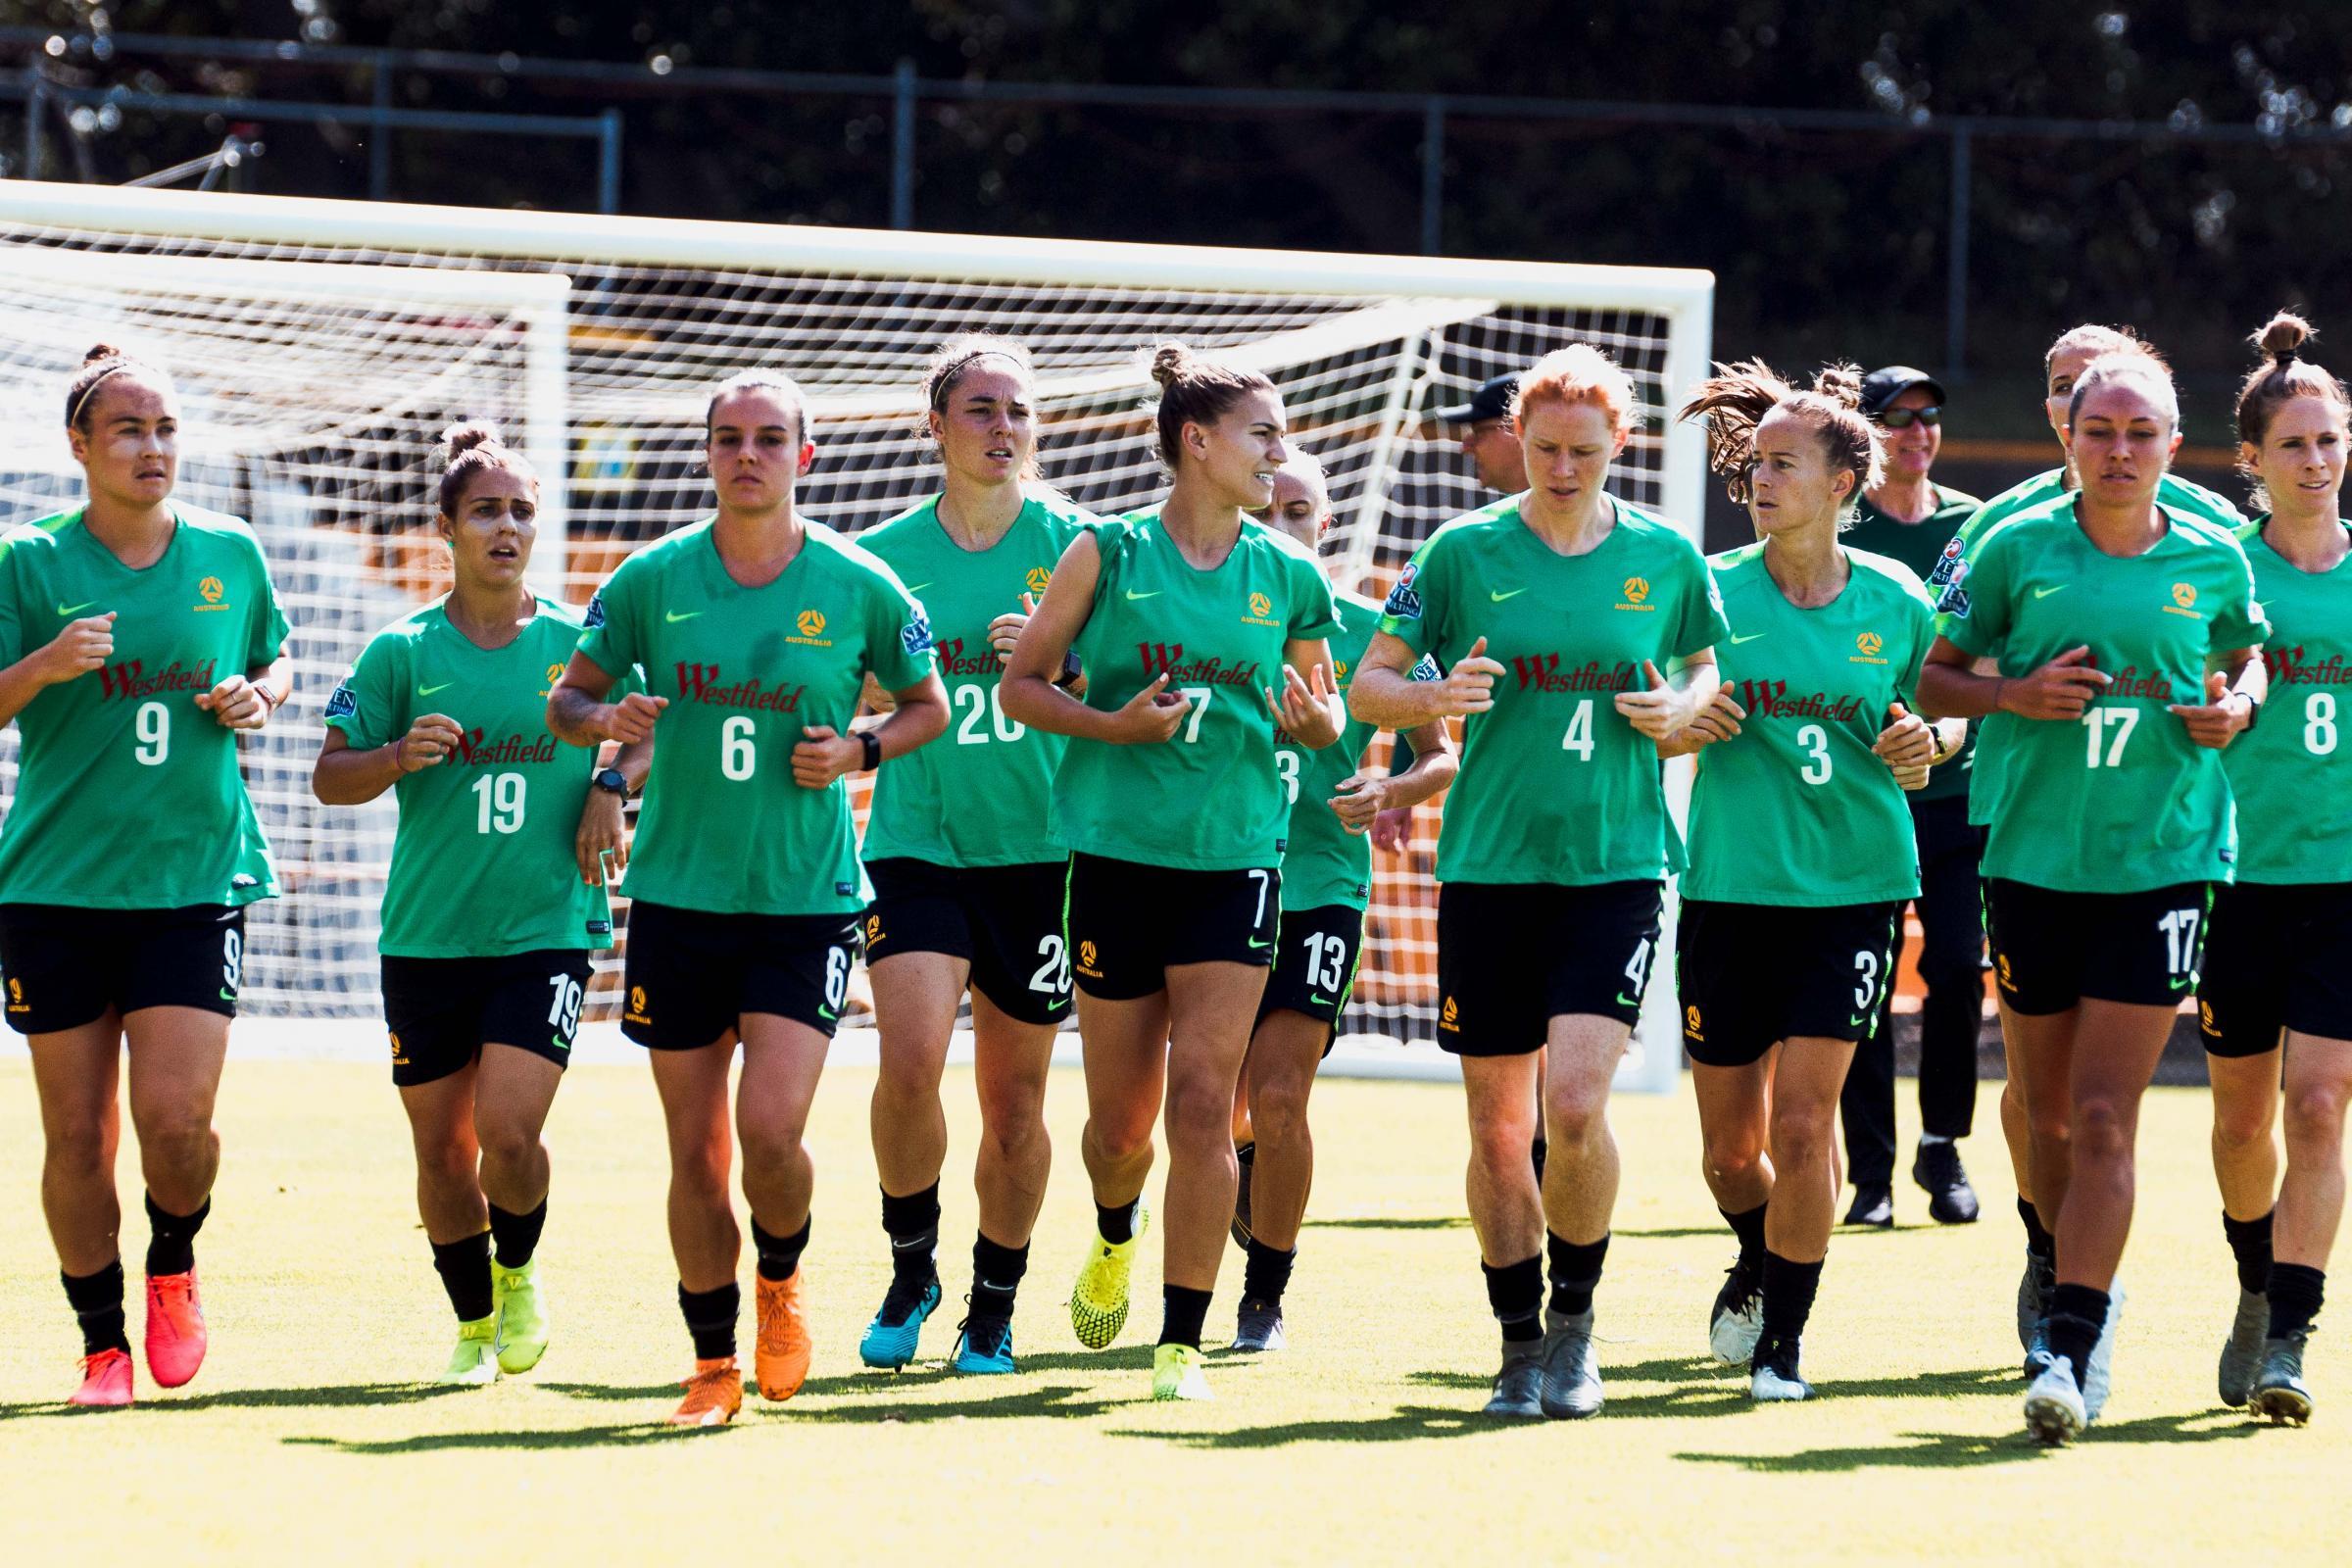 Westfield Matildas training camp in Sydney